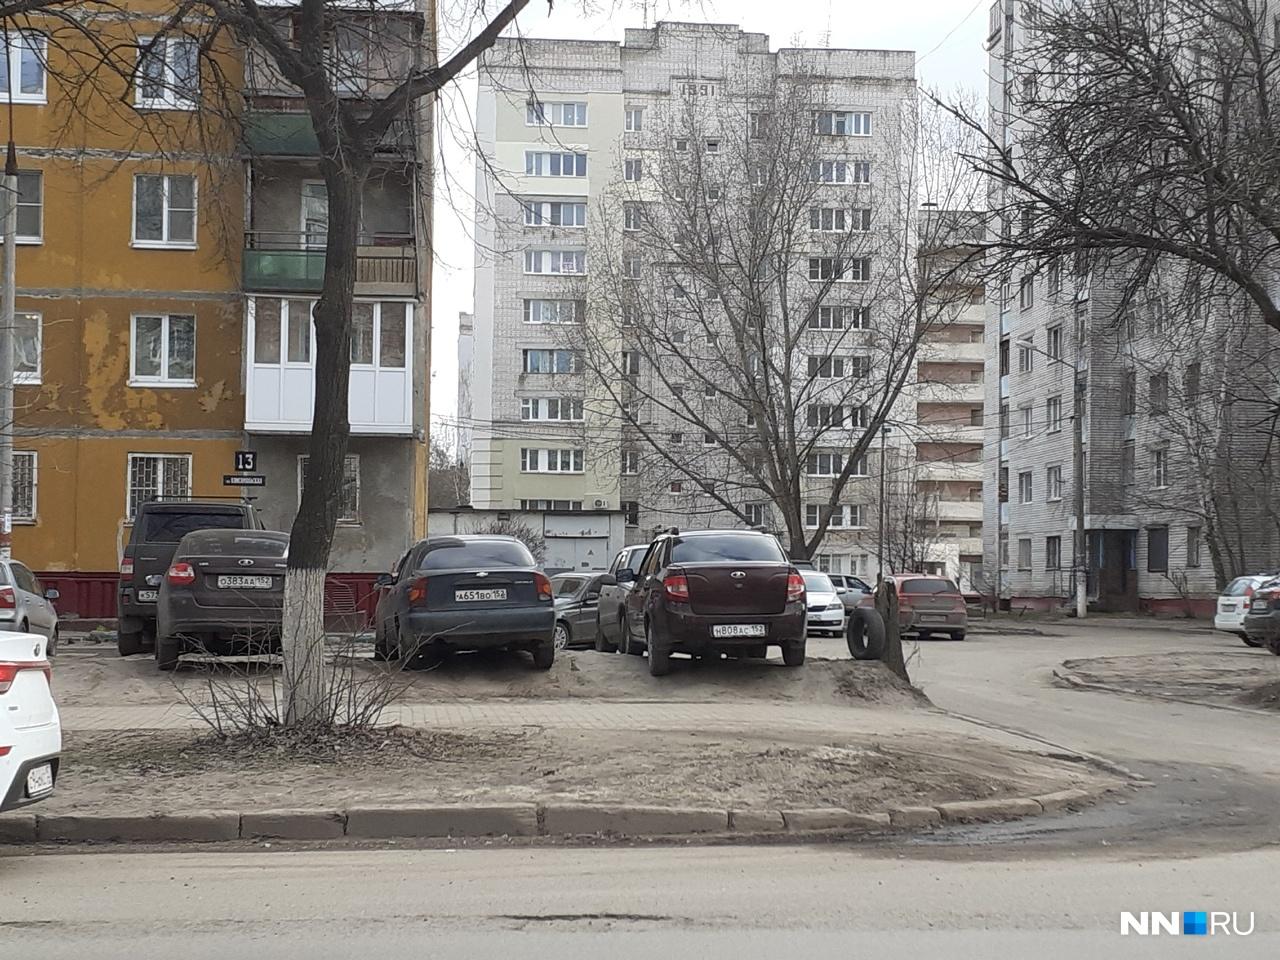 Улица Челюскинцев на Автозаводе. Место, где точно не вырастит трава